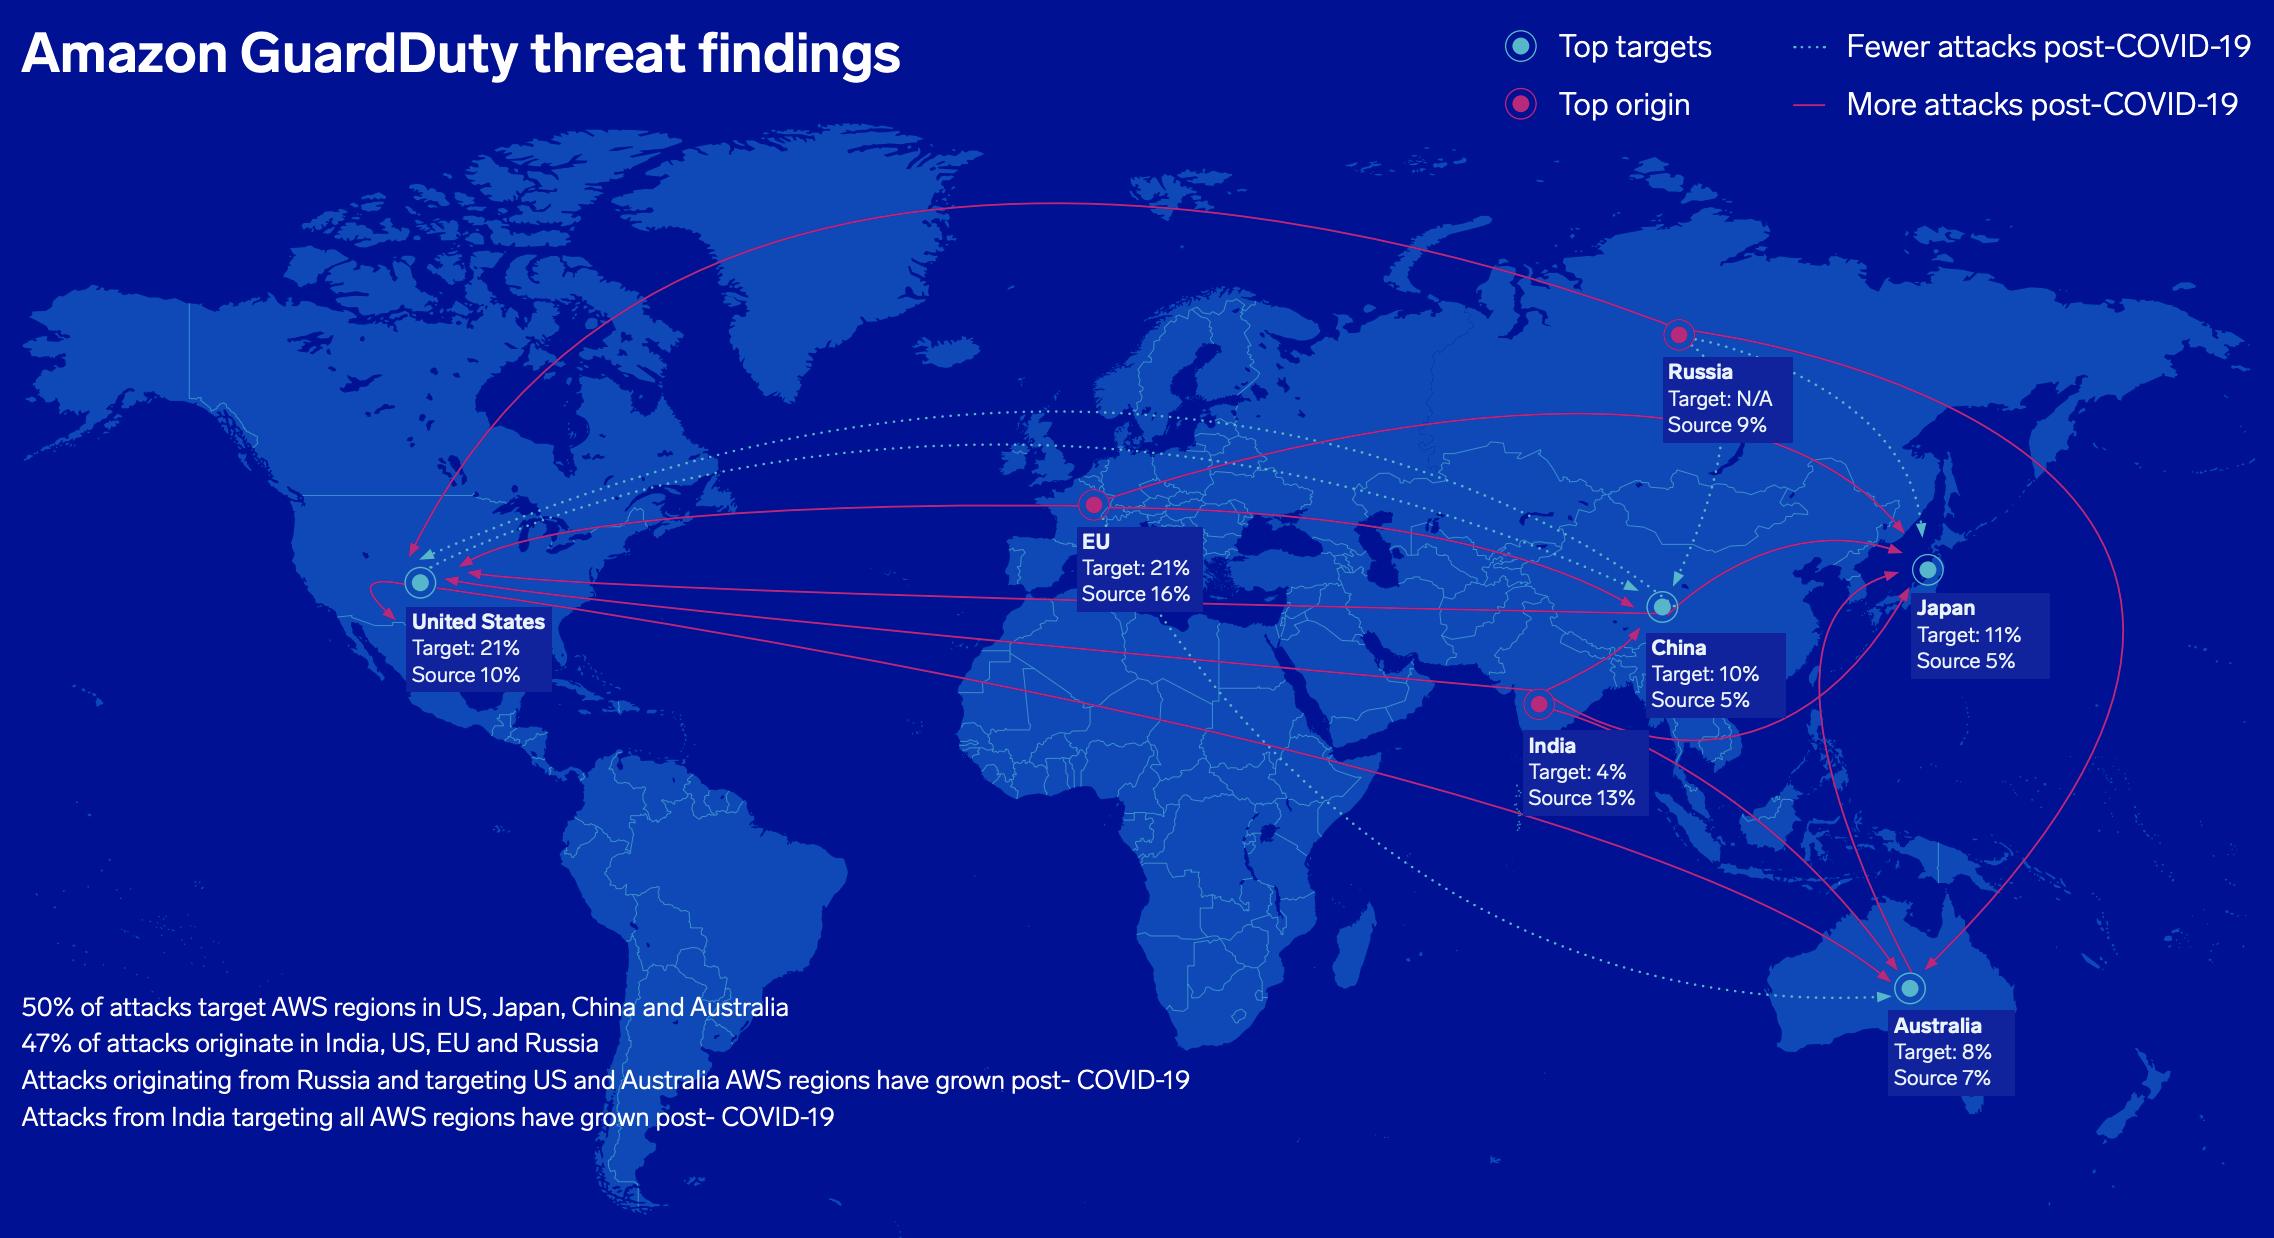 変化し続けるグローバル セキュリティの全体像を捉えてマッピングしました。